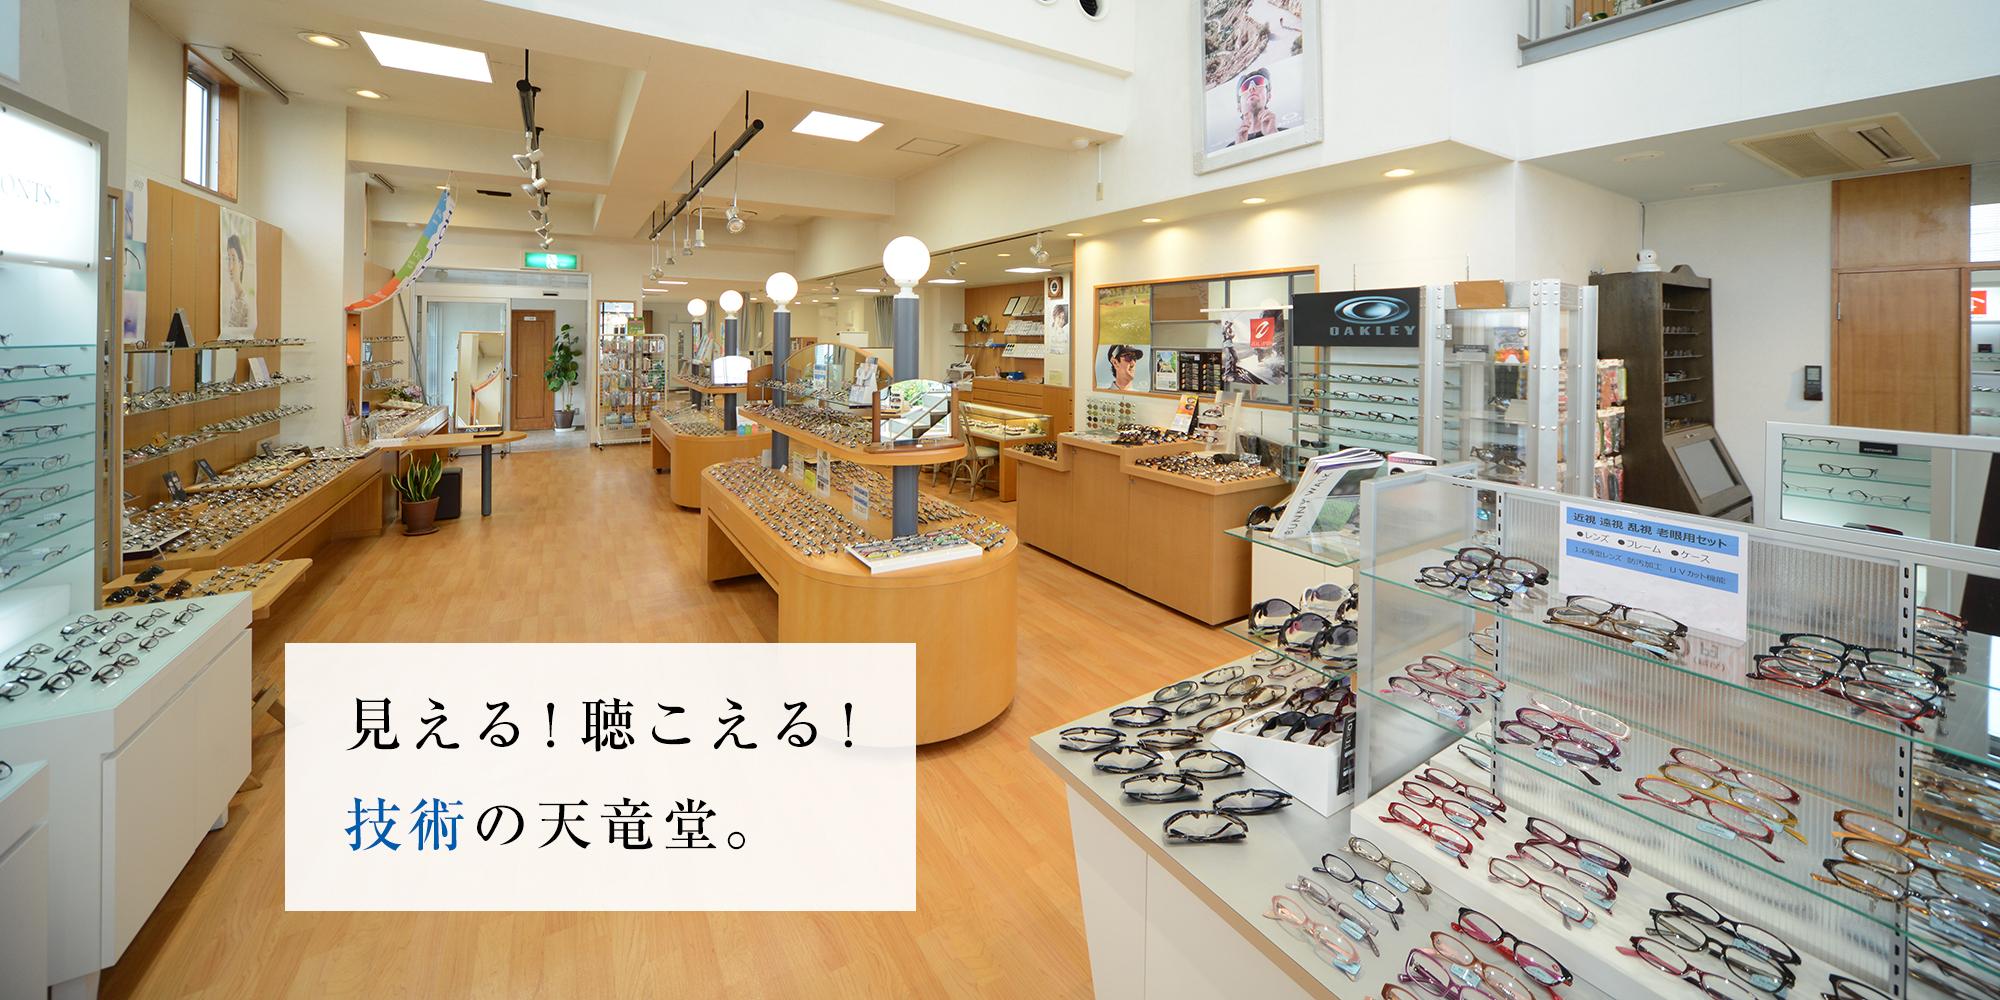 天竜堂|メガネ・コンタクトレンズ・補聴器|静岡|浜松